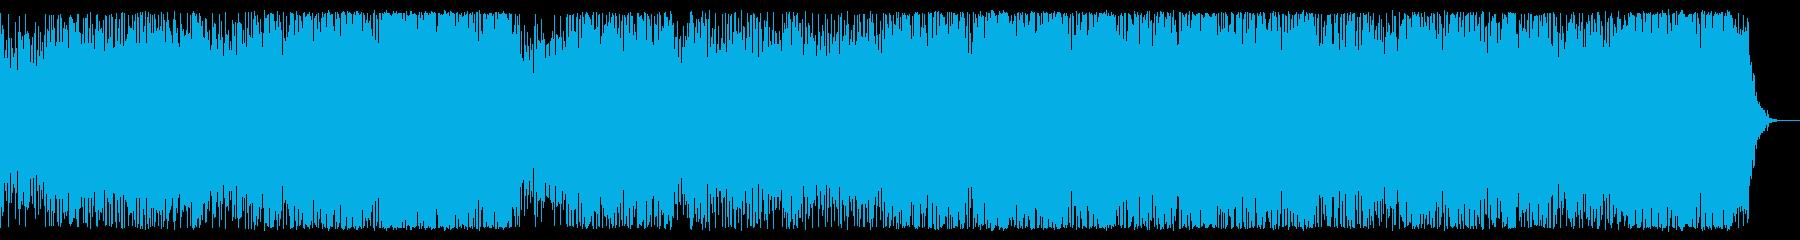 キラキラとした氷の結晶のような曲の再生済みの波形